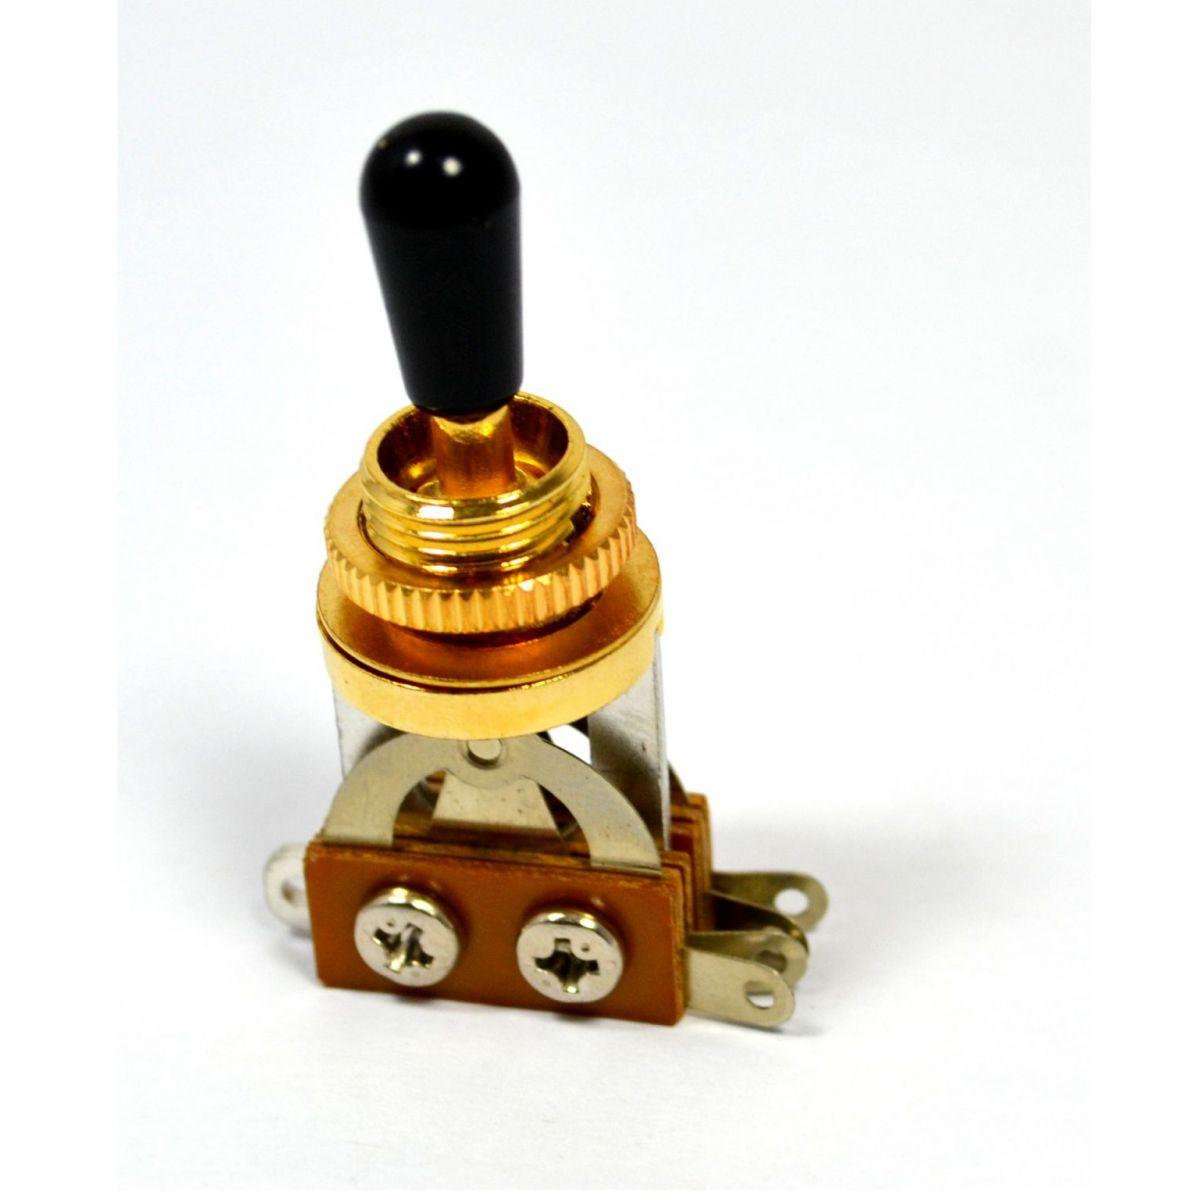 Chave seletora 3 posições Les Paul dourada com knob preto  - Luthieria Brasil